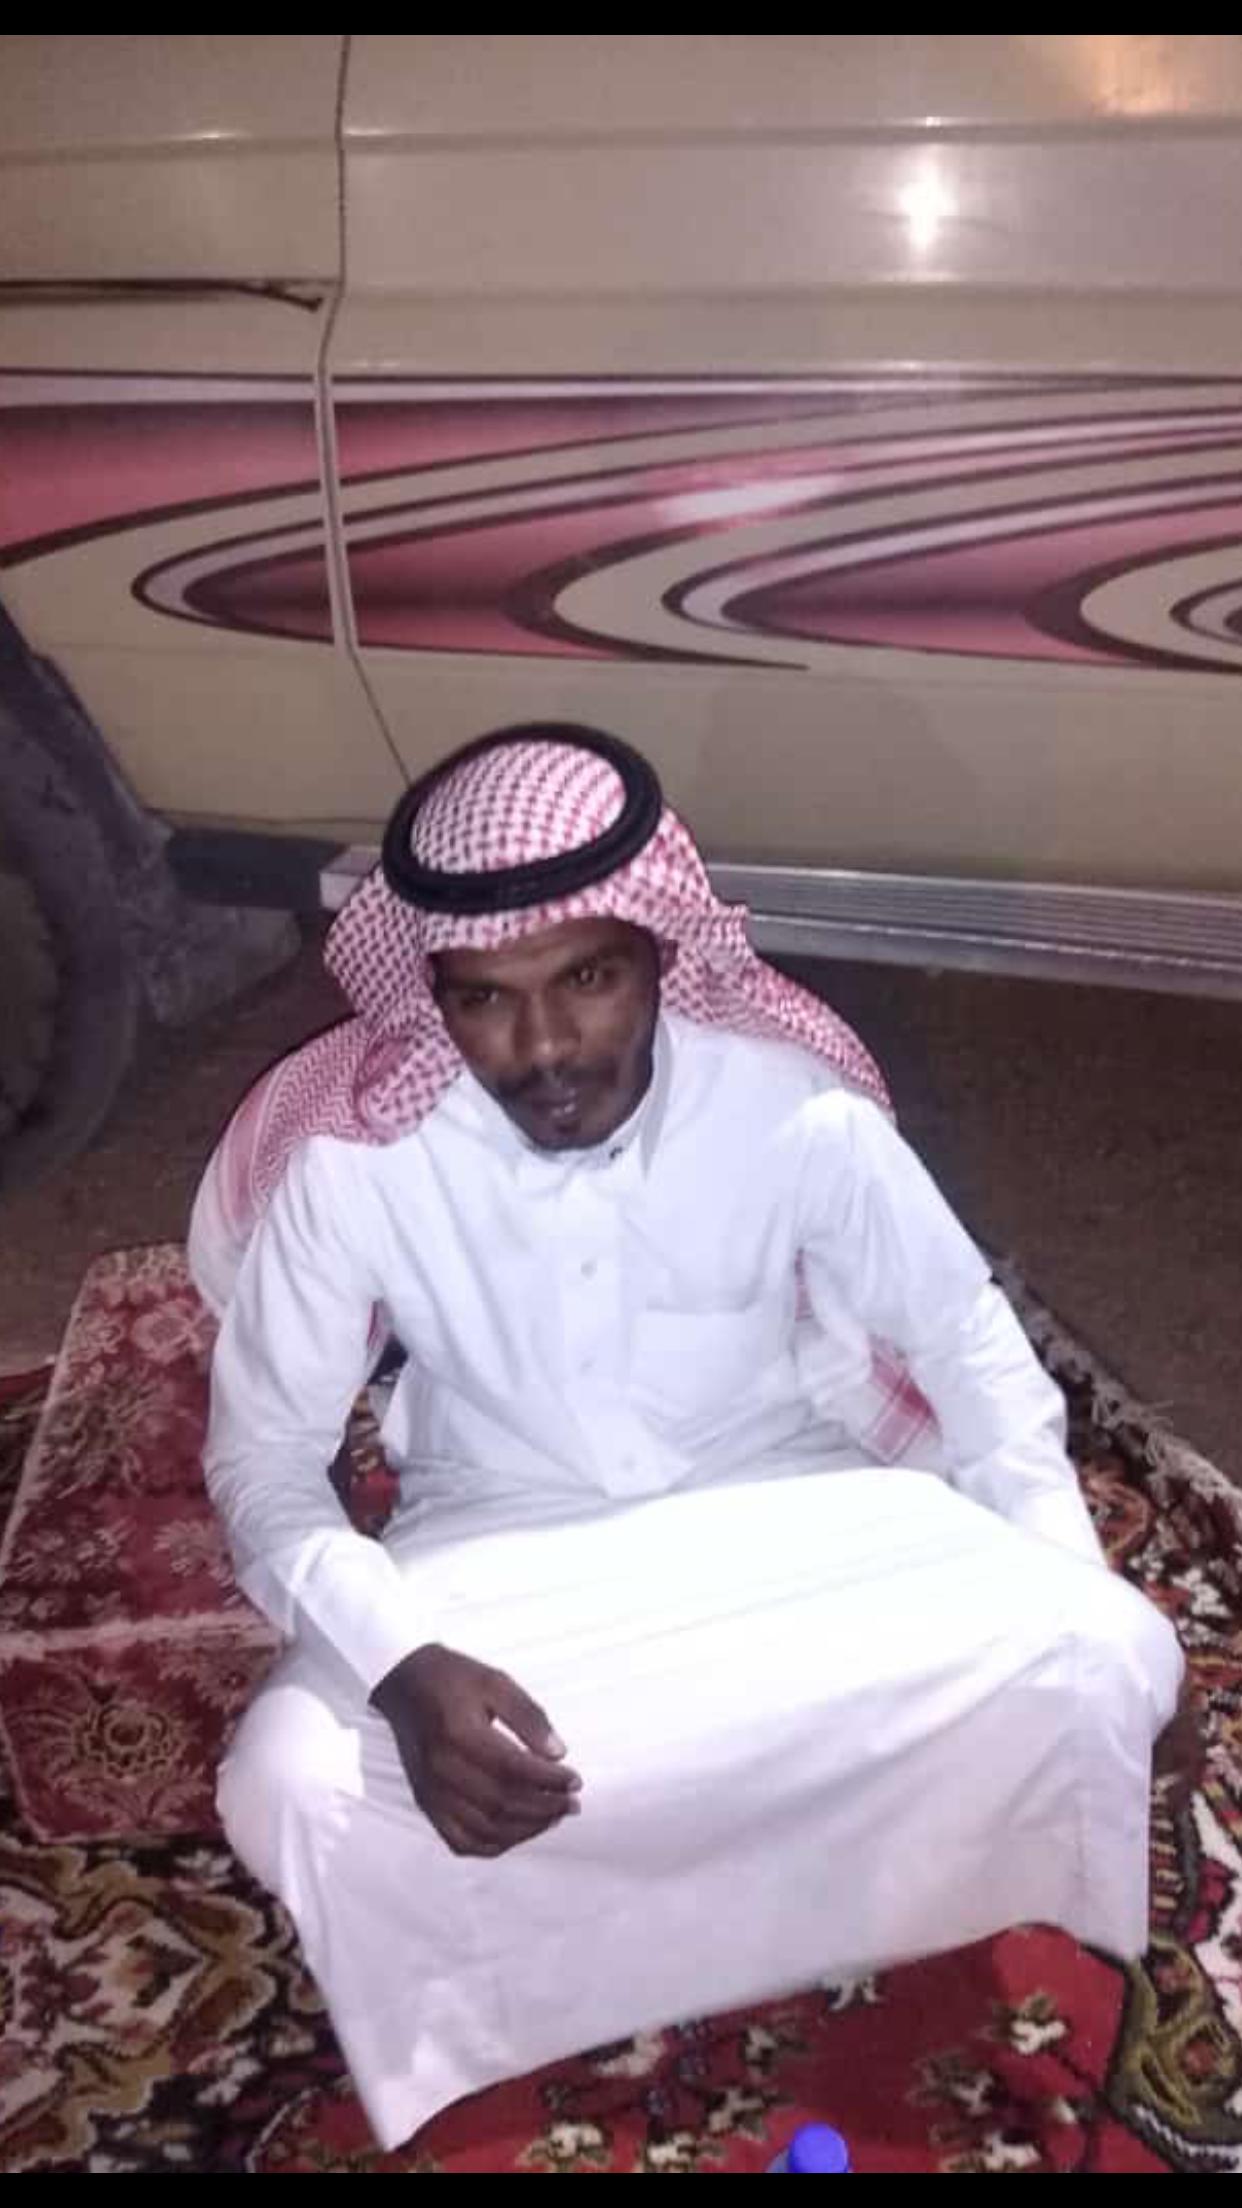 الشاب / حمدان فرج الجحم البلوي يحتفل بزواجه 0DC27375 B0AE 40A8 8949 03E3309489B9